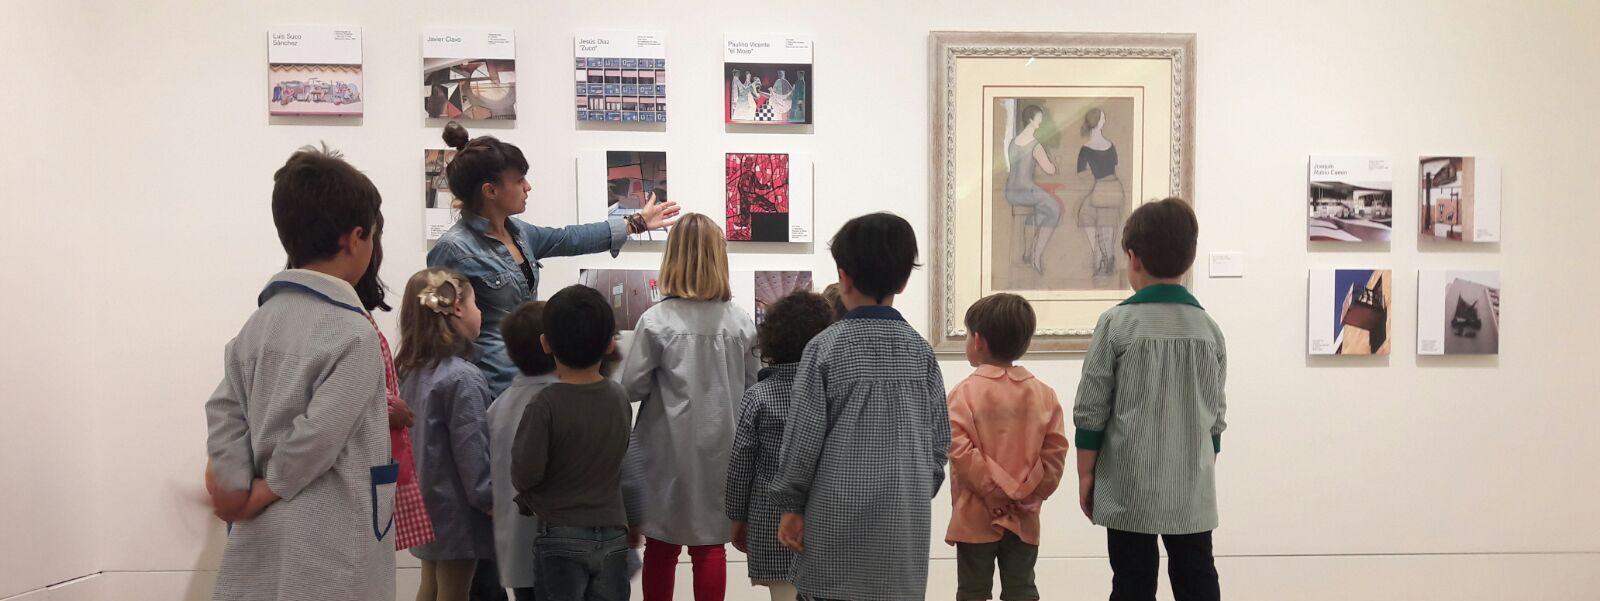 Museo de Bellas Artes de Asturias: Nuevos talleres - mayo / junio